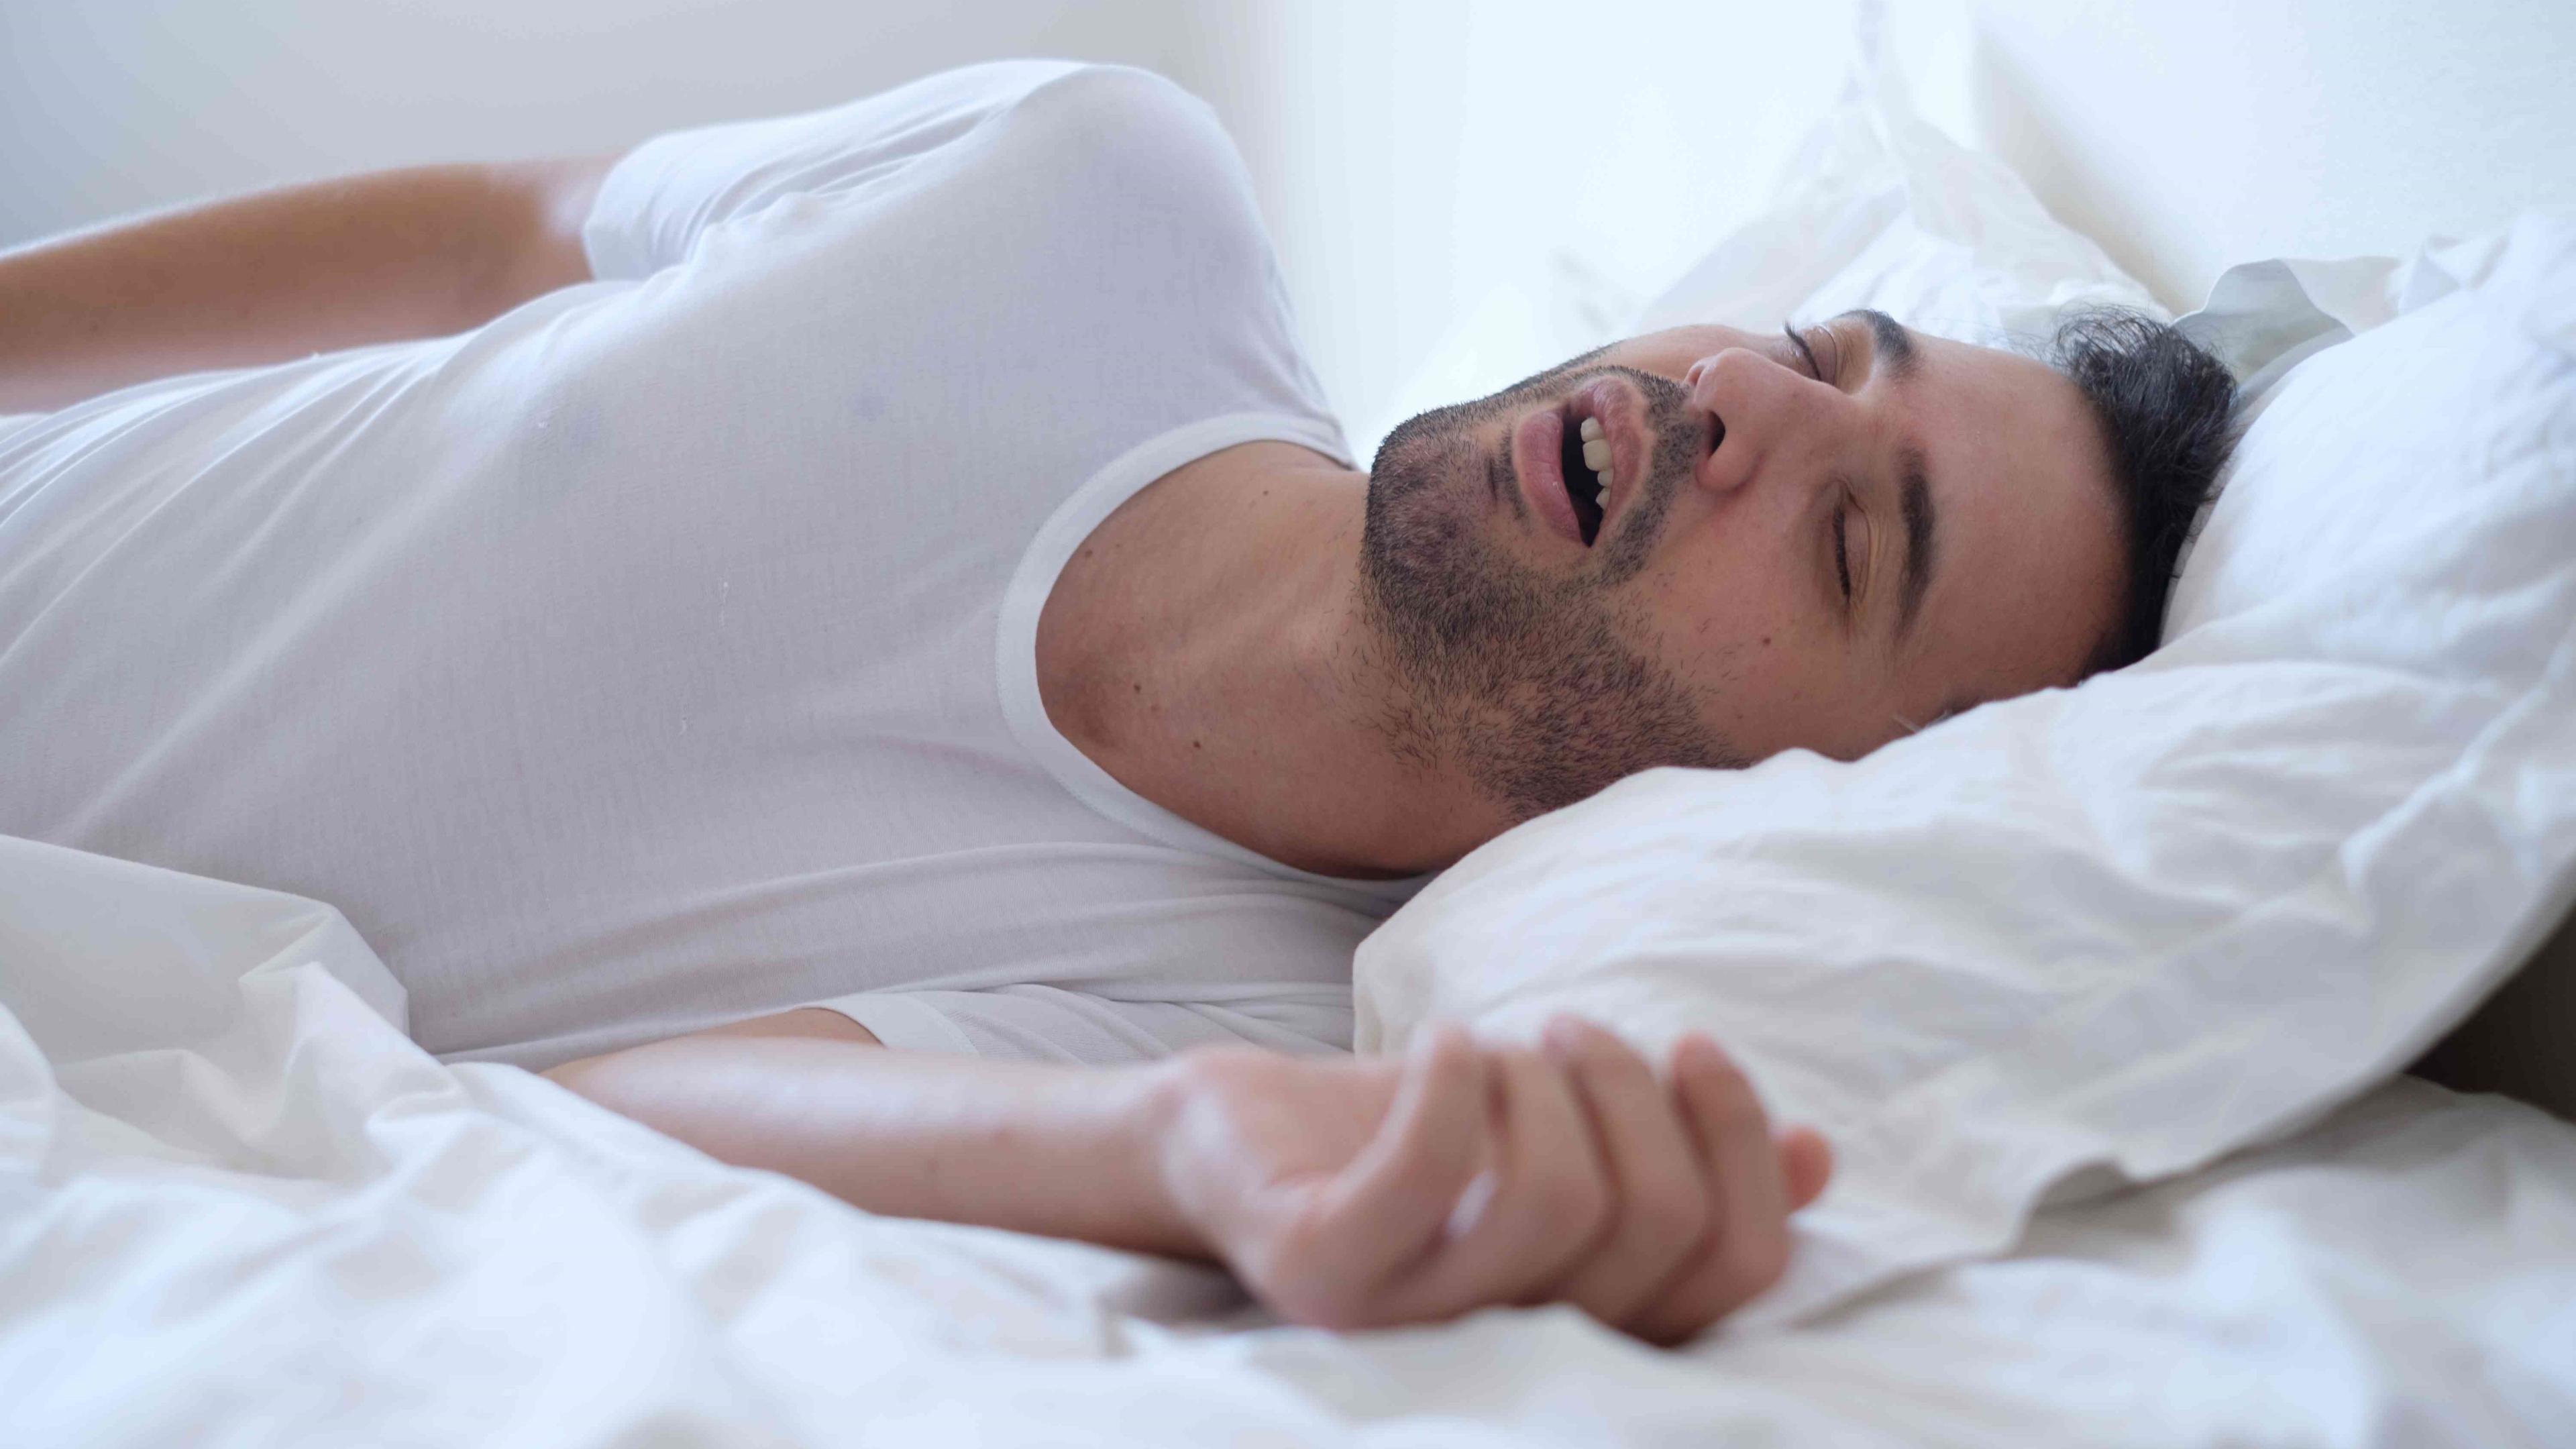 Обструктивное апноэ во сне связали с повышенным риском тяжелого течения COVID-19